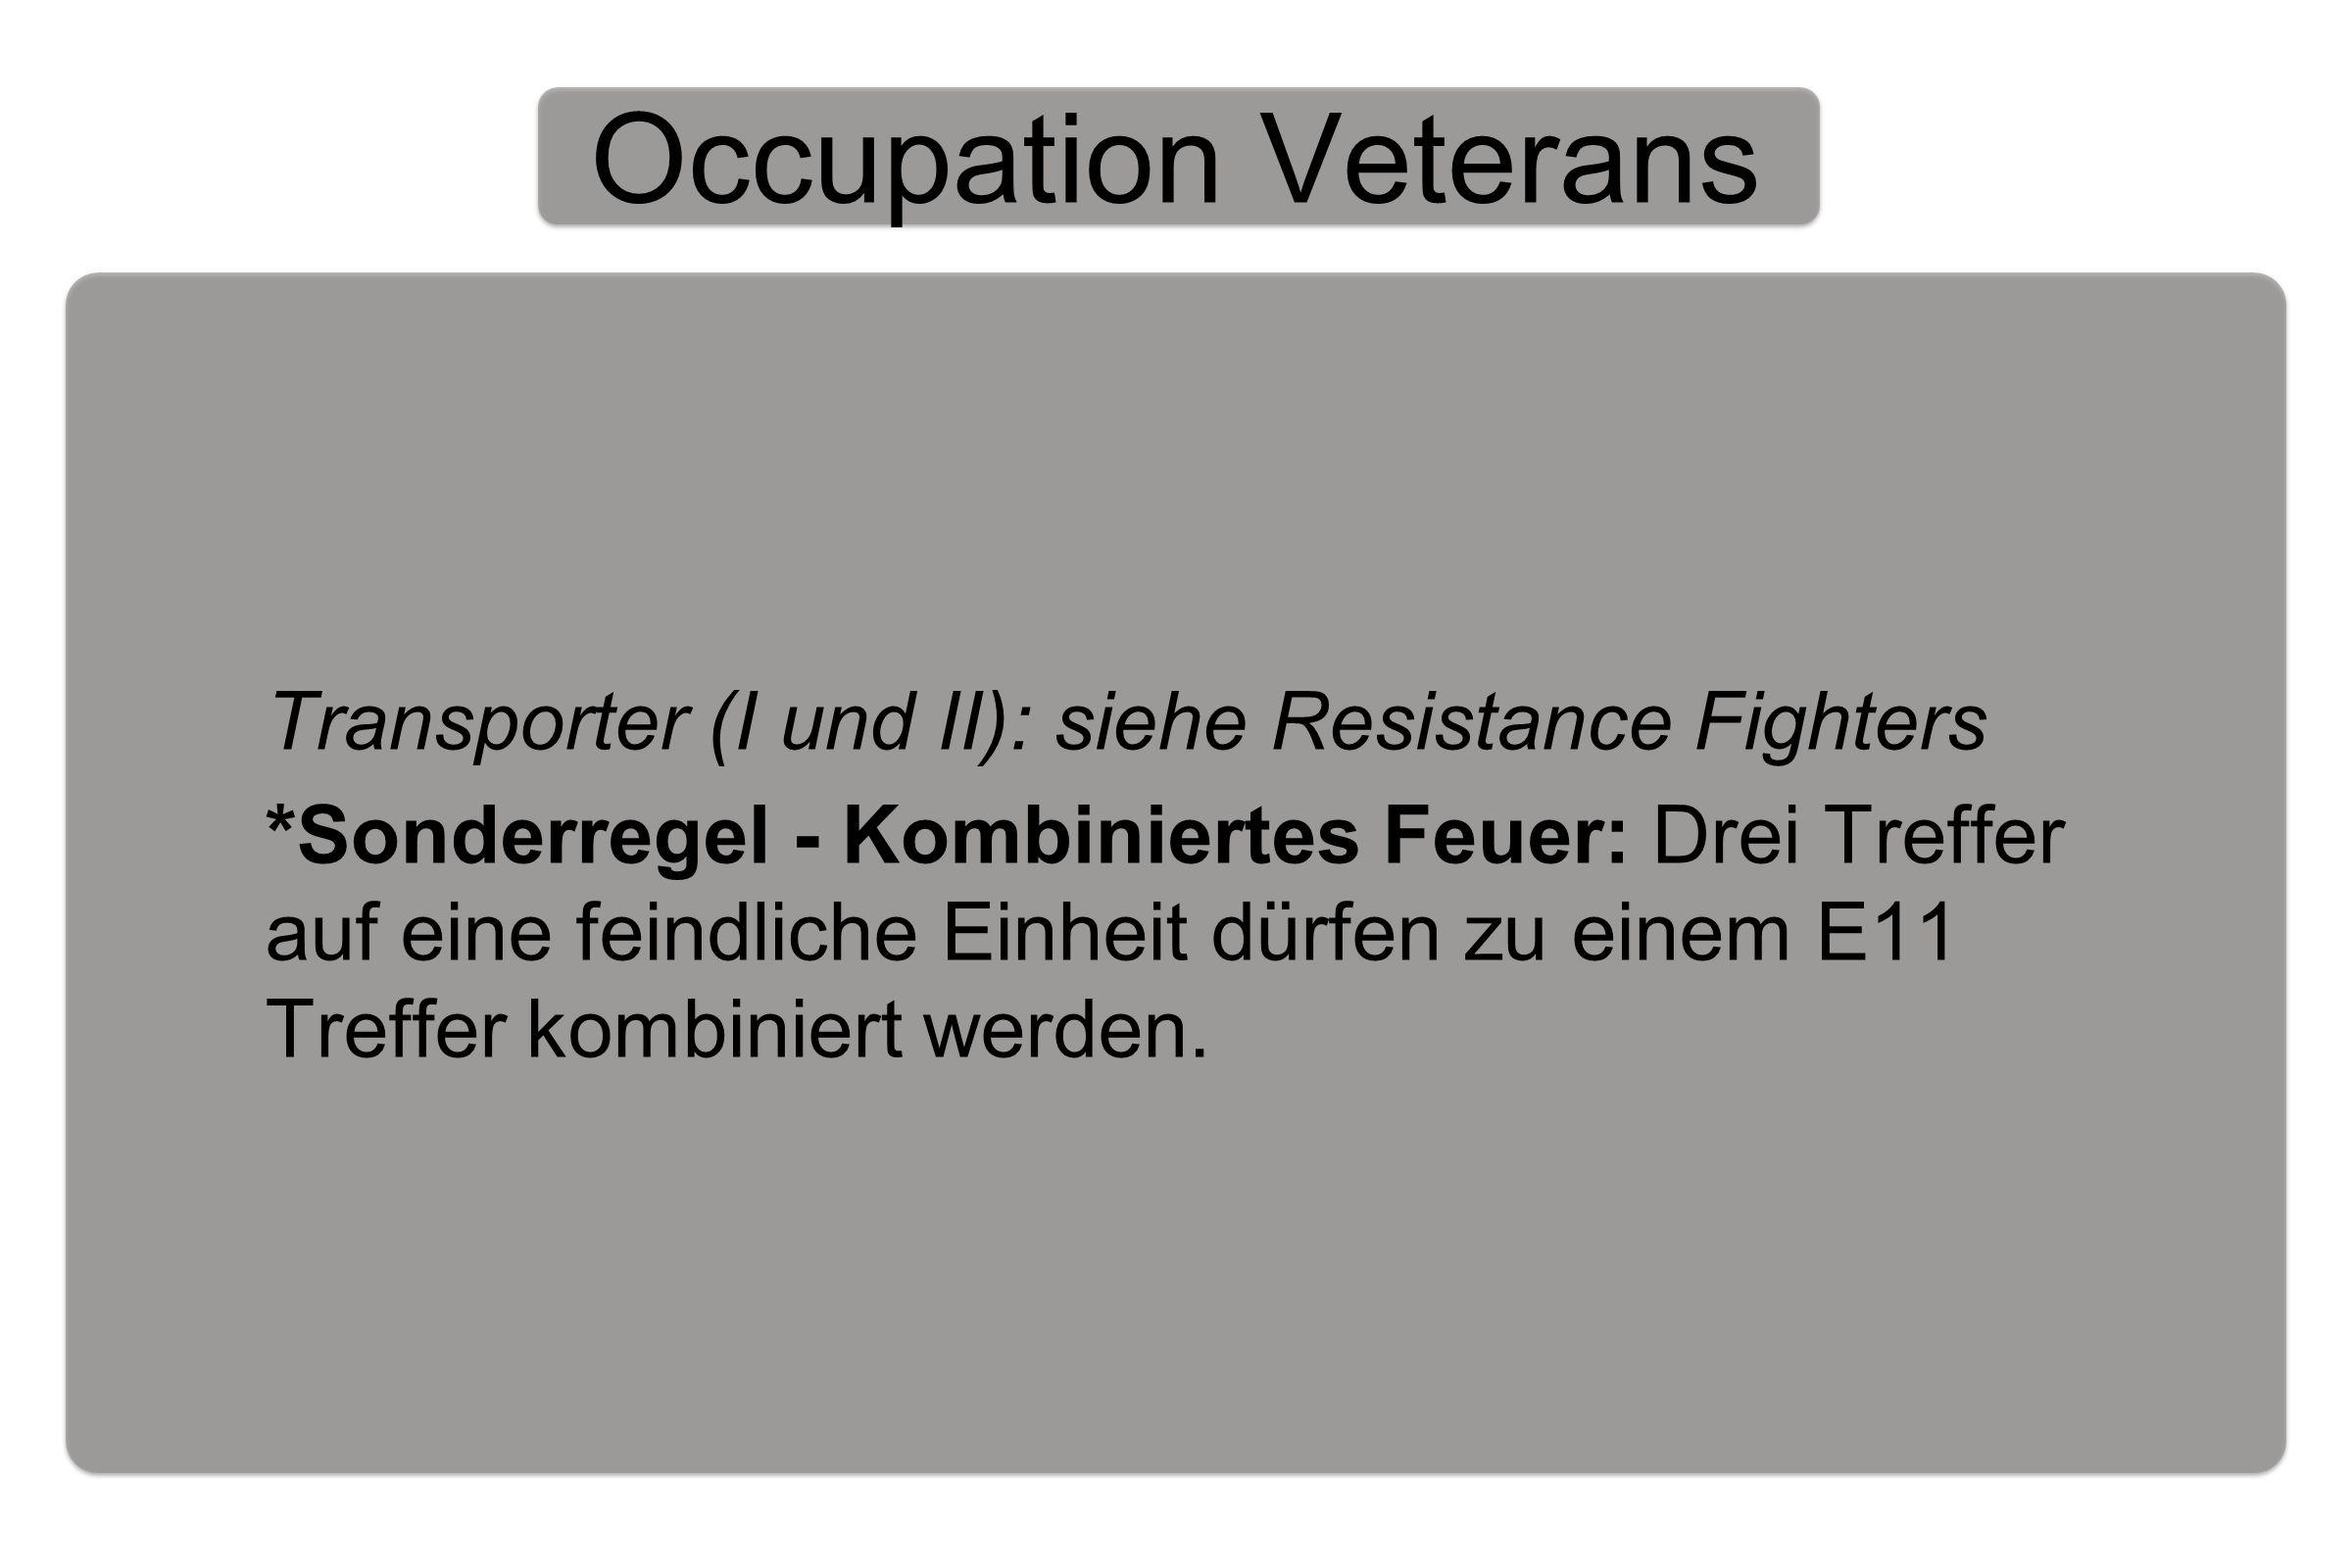 Occupation Veterans Transporter (I und II): siehe Resistance Fighters *Sonderregel - Kombiniertes Feuer: Drei Treffer auf eine feindliche Einheit dürfen zu einem E11 Treffer kombiniert werden.